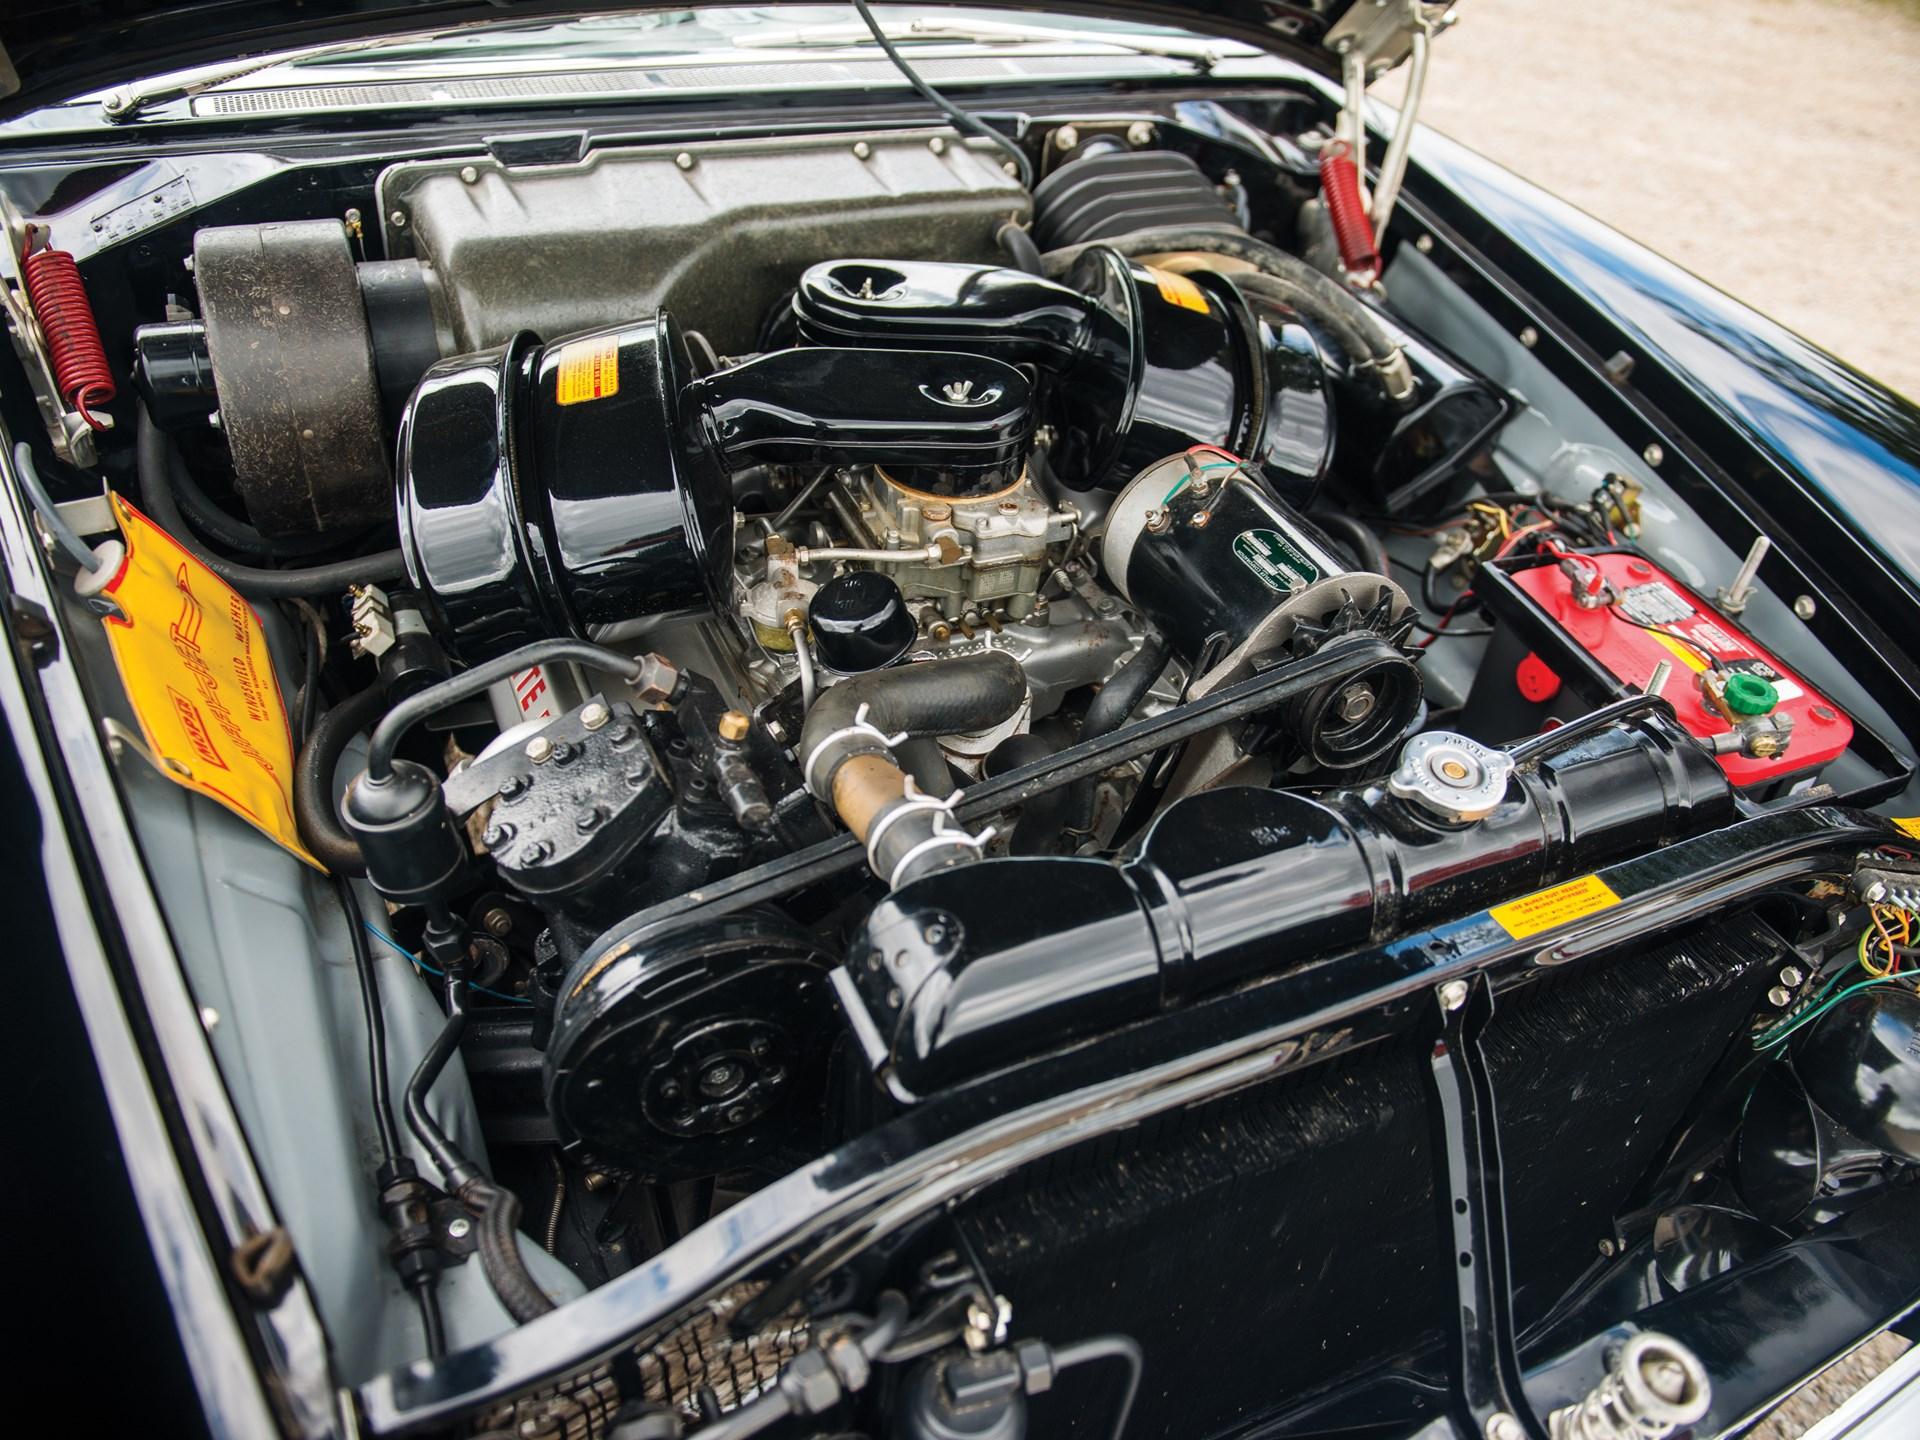 1957 DeSoto Adventurer Convertible engine